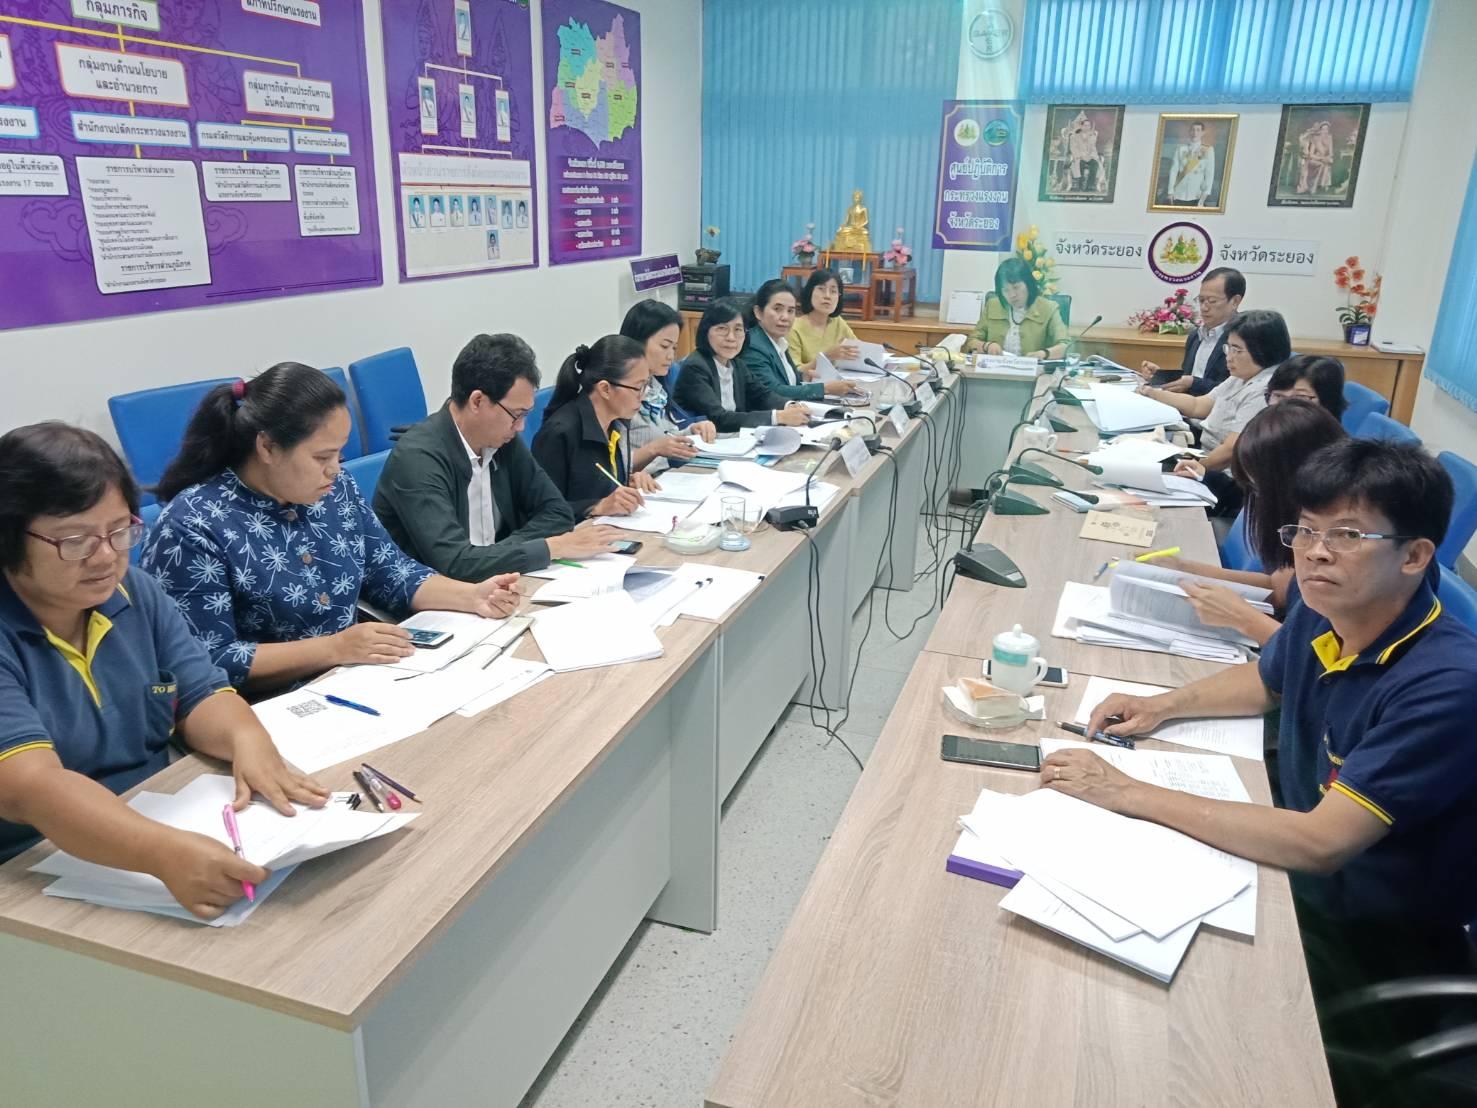 หัวหน้าส่วนราชการสังกัดกระทรวงแรงงานจังหวัดระยอง ร่วมการประชุมชี้แจงแนวทางการตรวจราชการ ประจำปีงบประมาณ พ.ศ. 2563 รอบที่ 1 (Project Review)